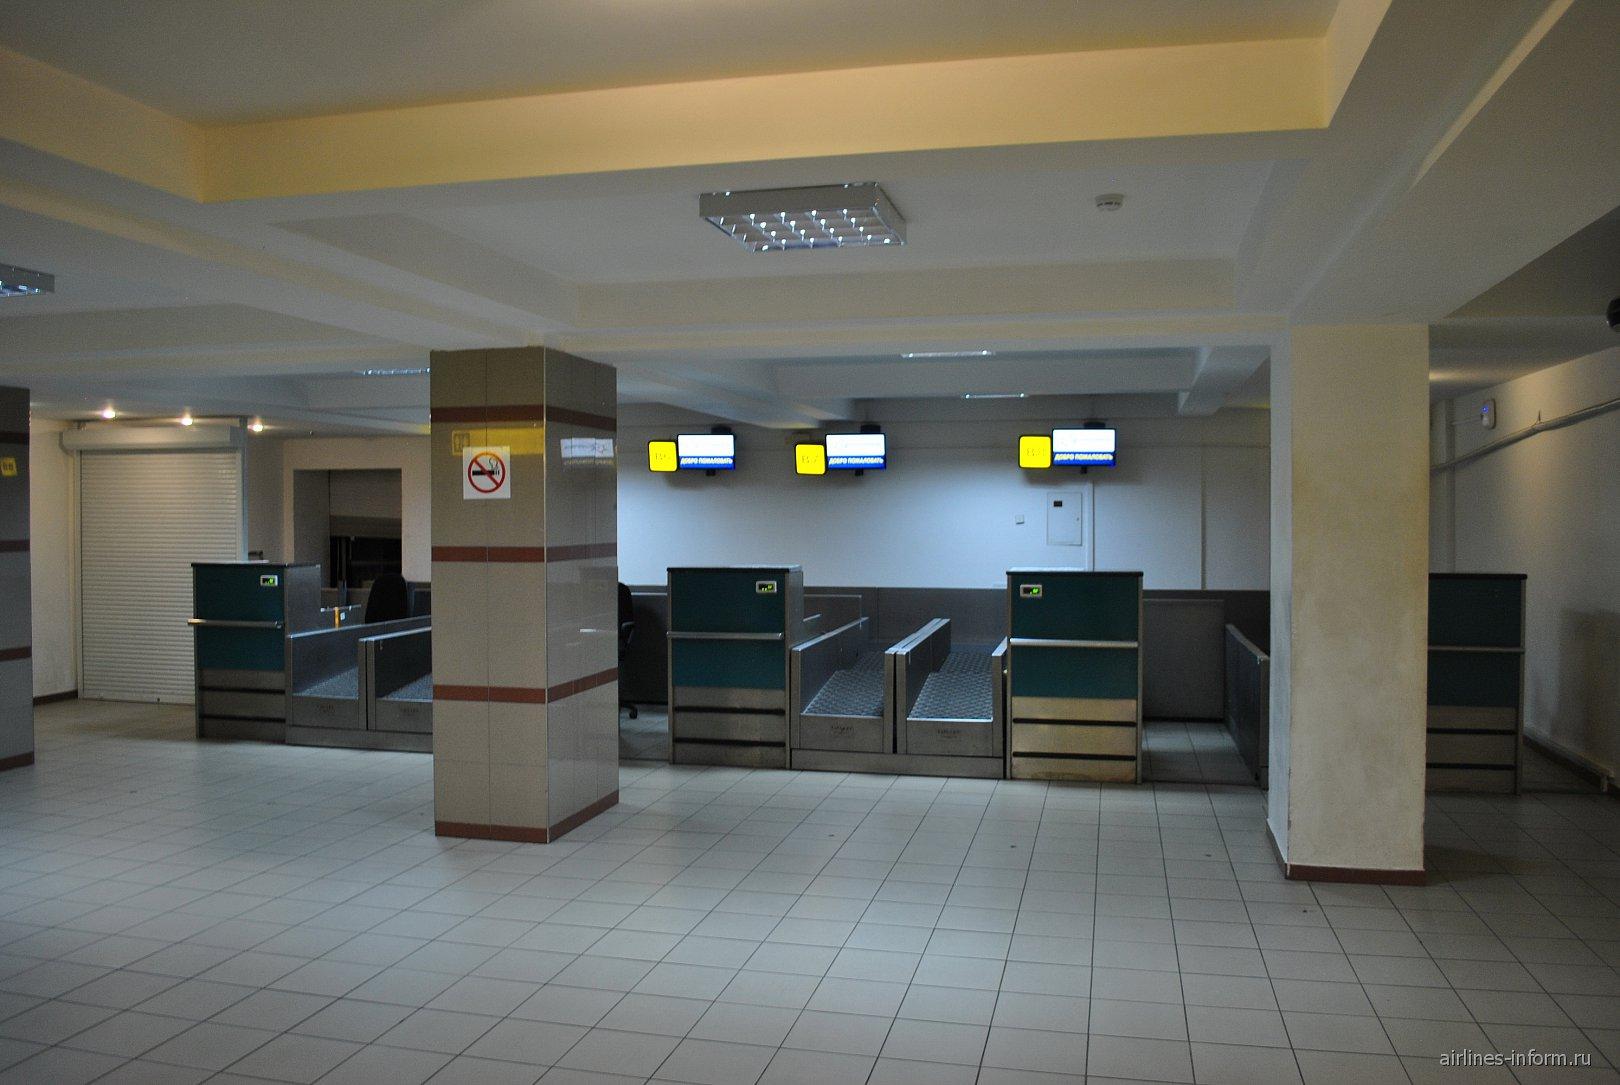 Стойки регистрации в терминале В аэропорта Симферополь